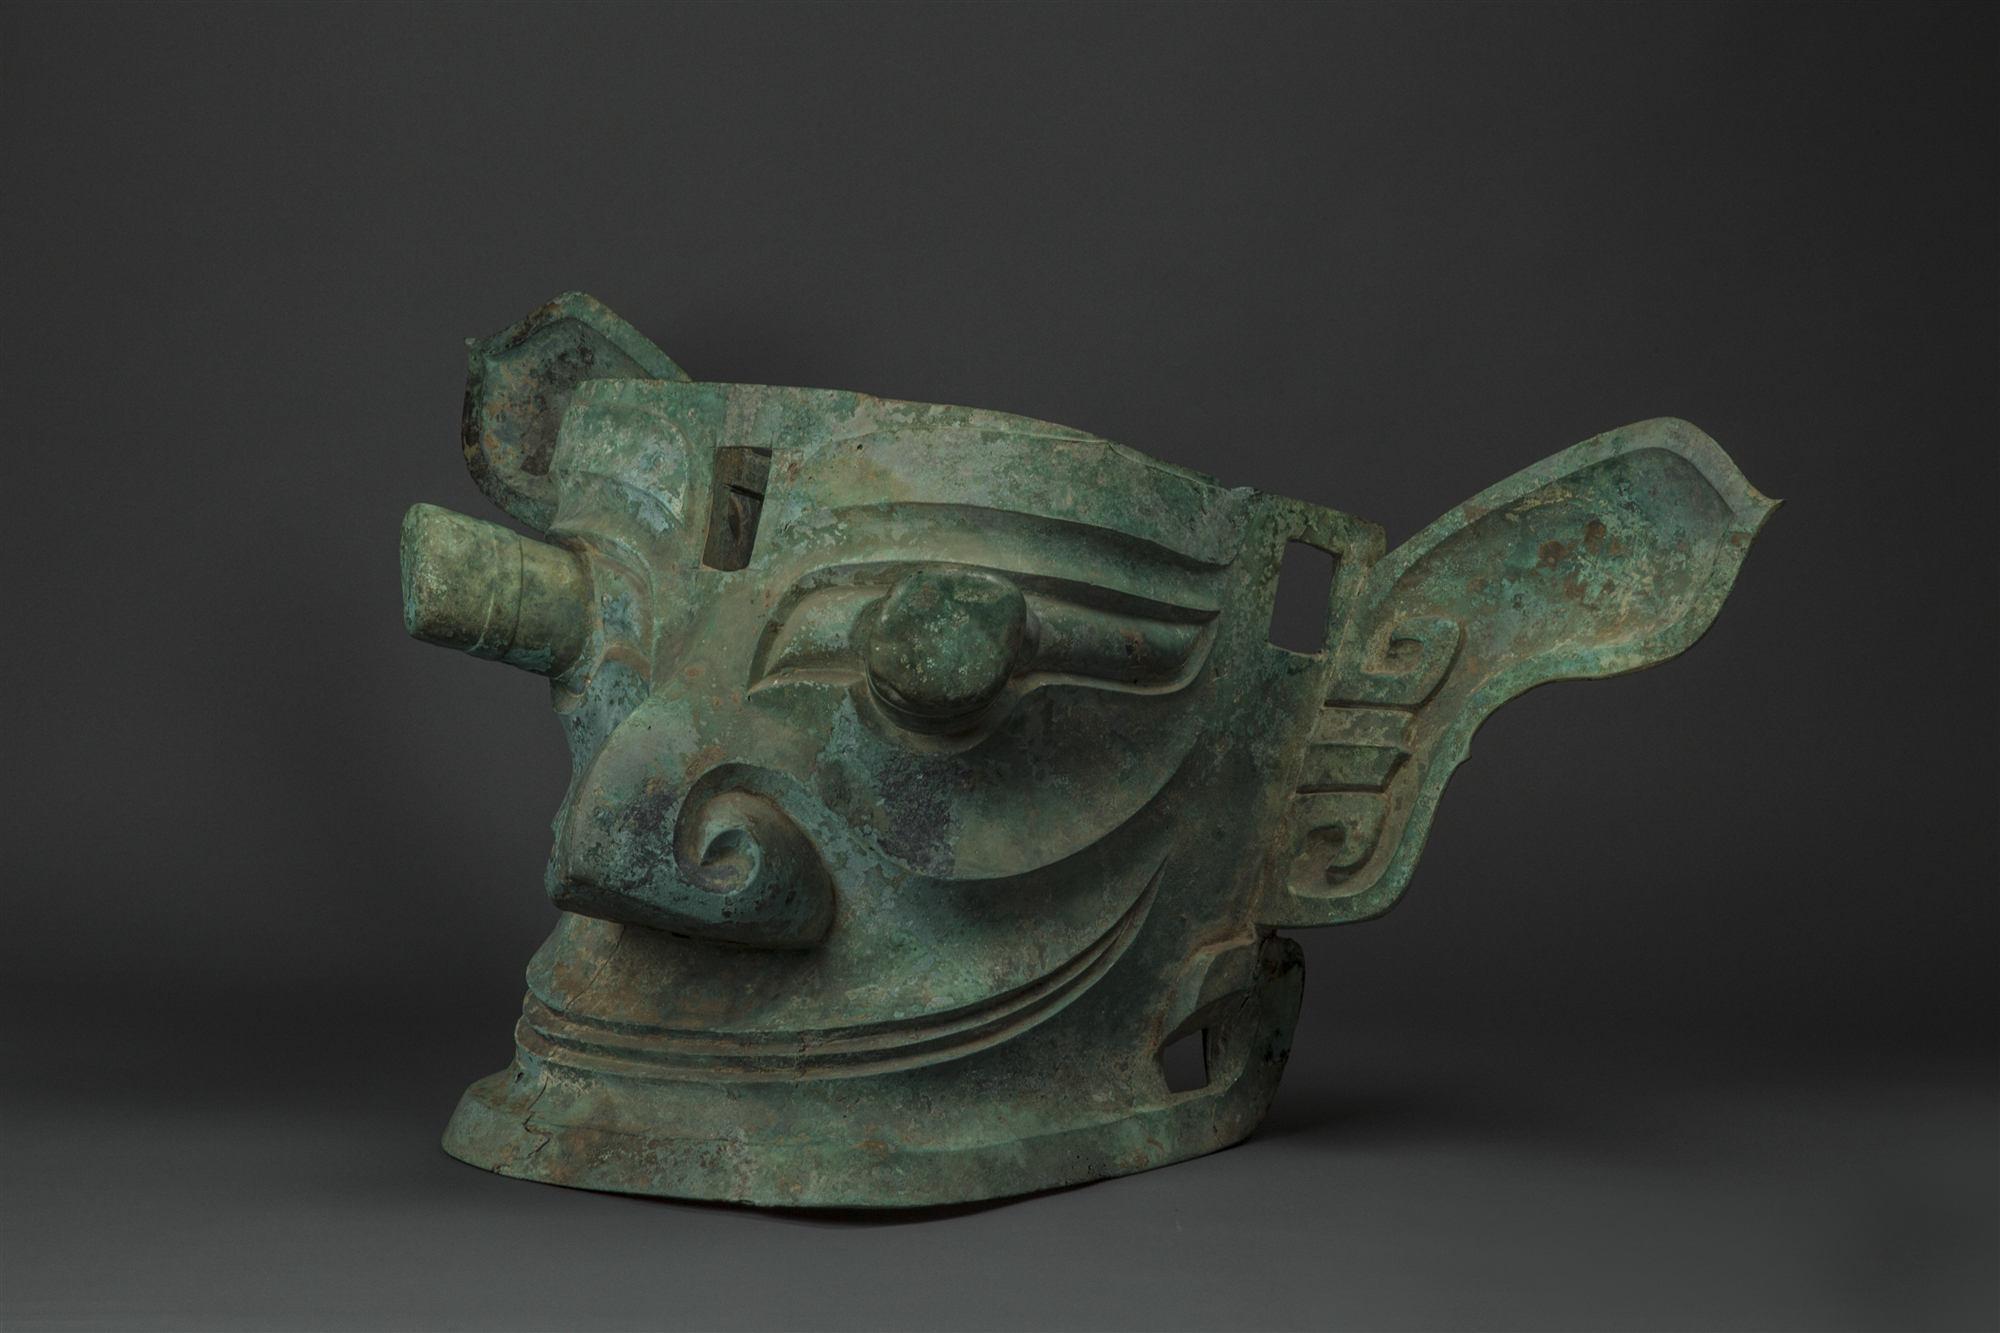 「神秘の国」三星堆遺跡、新たな発掘計画始動へ 四川省